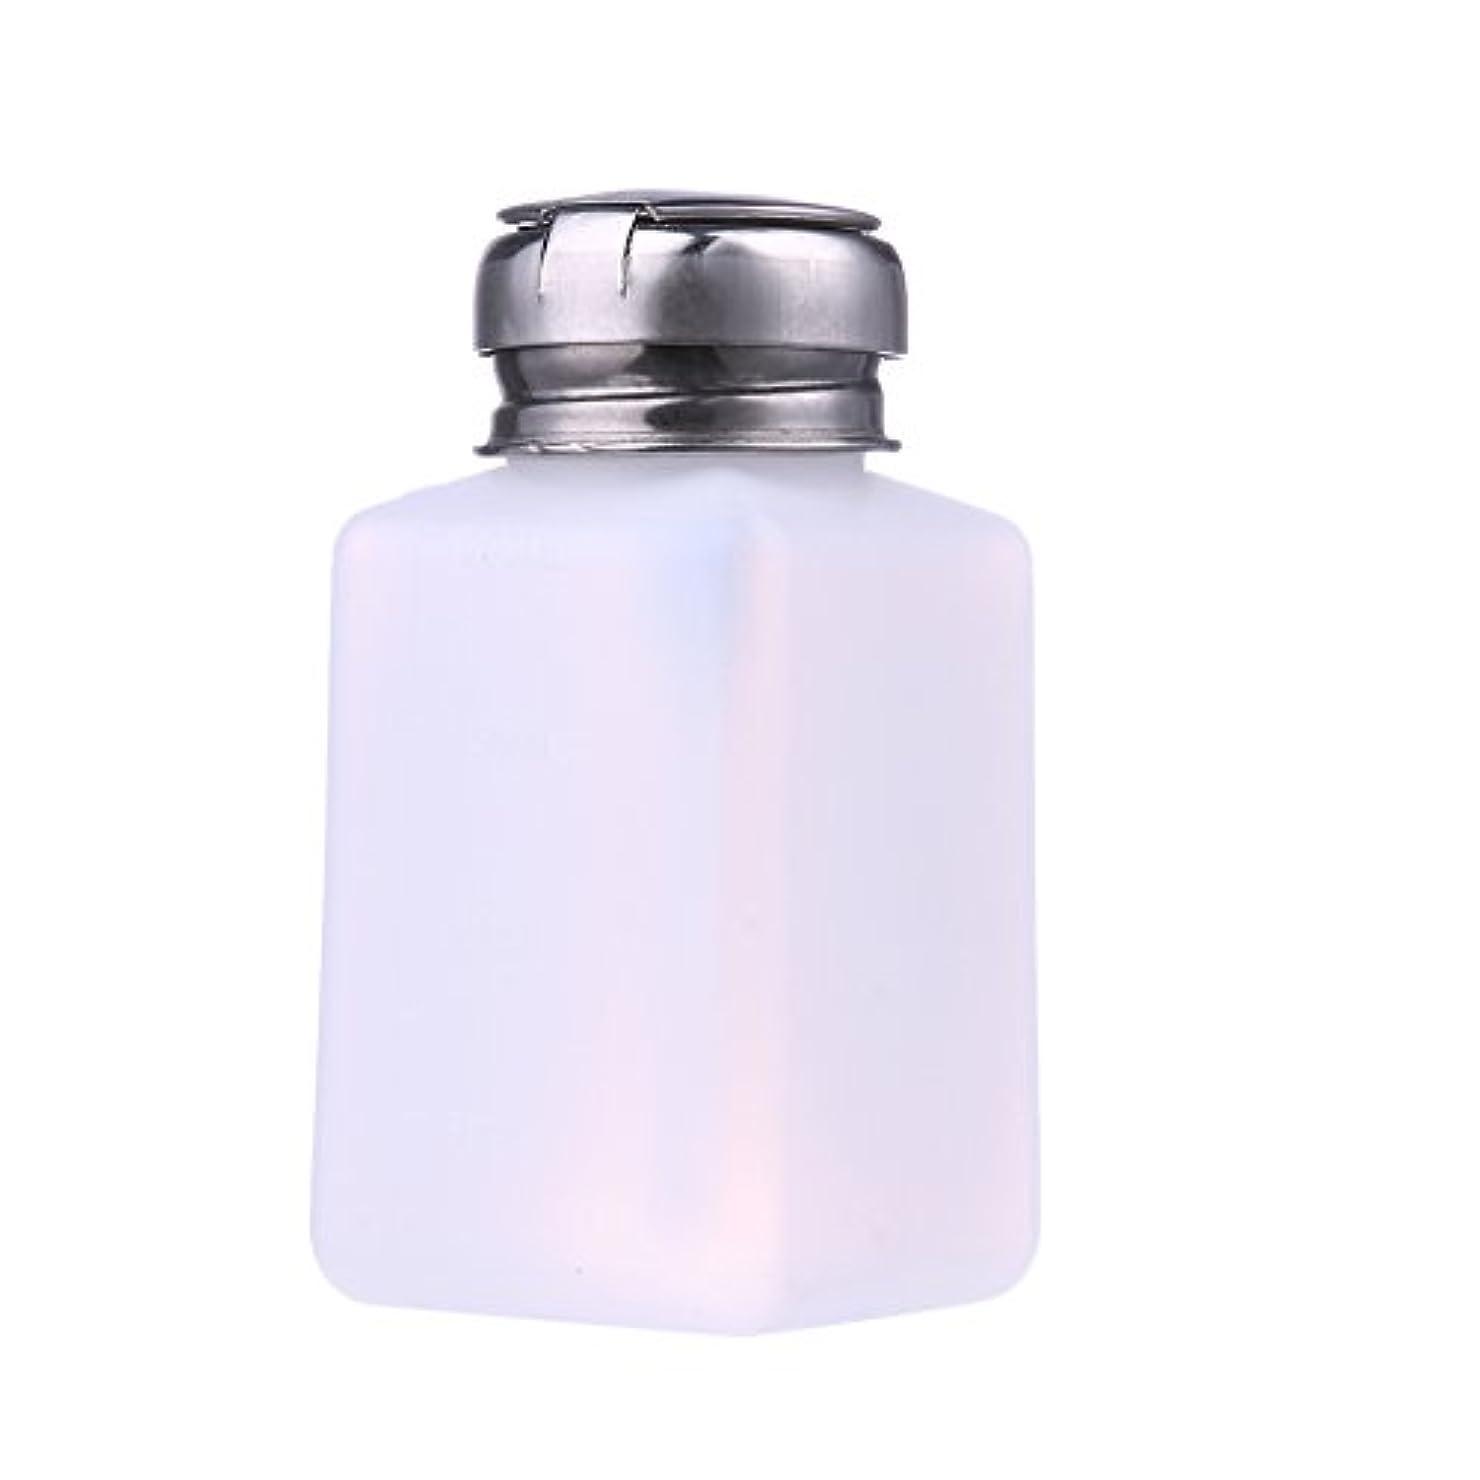 浸食患者硬さSunsoar 圧力ボトル 押すと液体は出る クレンザー ネイルリムーバー 消毒液 酒精